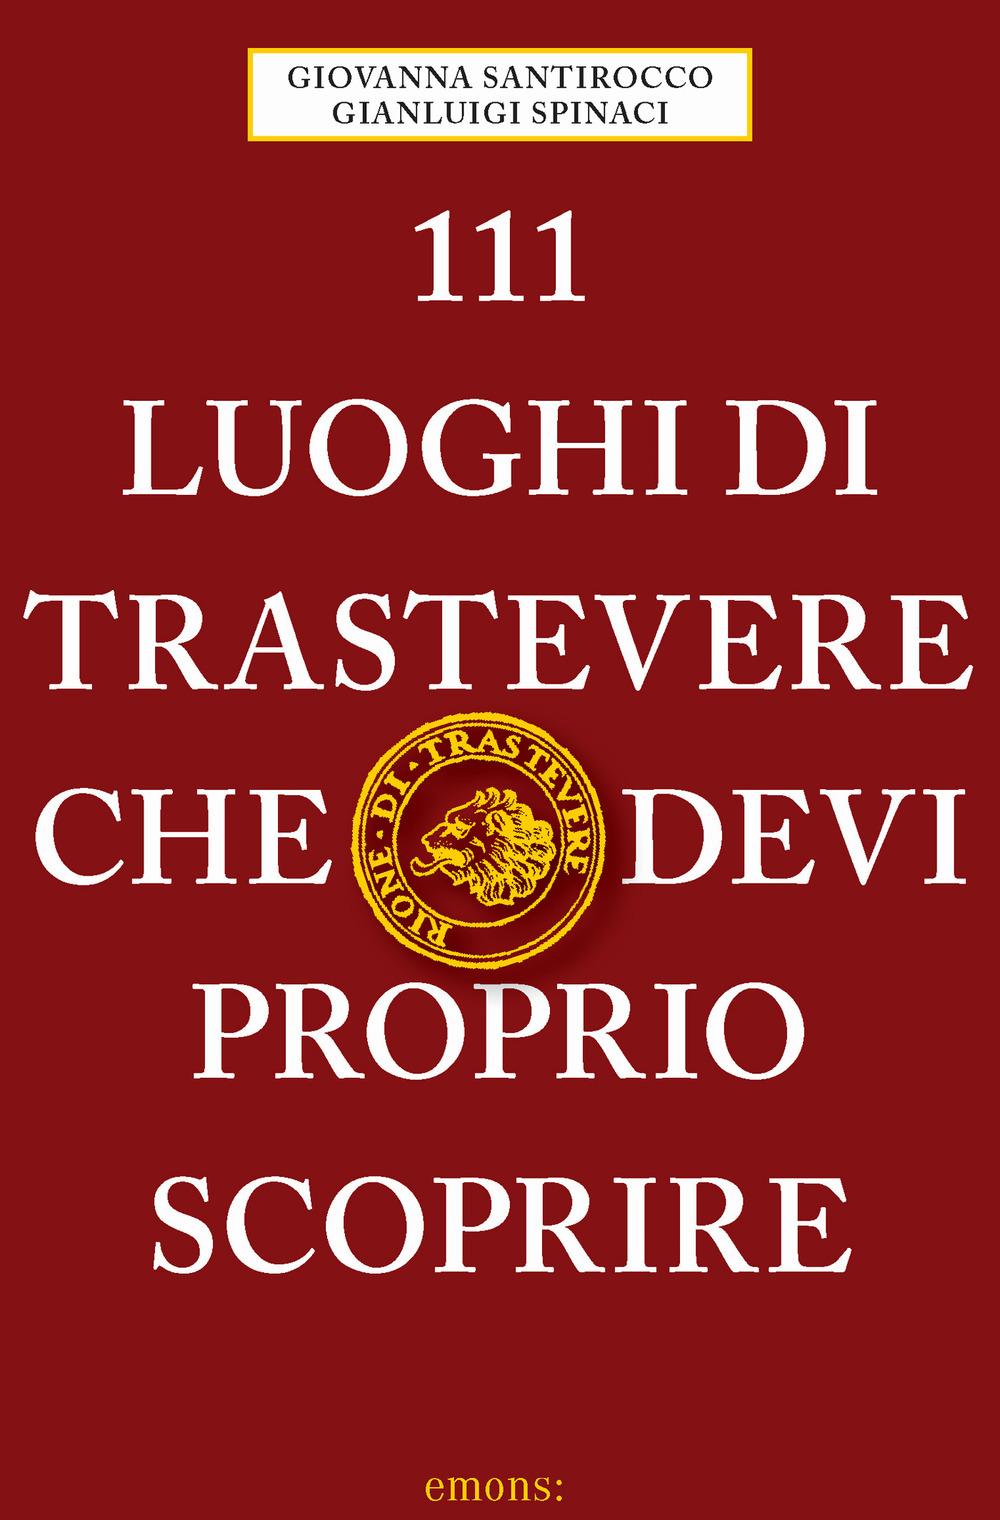 111 LUOGHI DI TRASTEVERE CHE DEVI PROPRIO SCOPRIRE - Santirocco G.; Spinac G. - 9783740810283